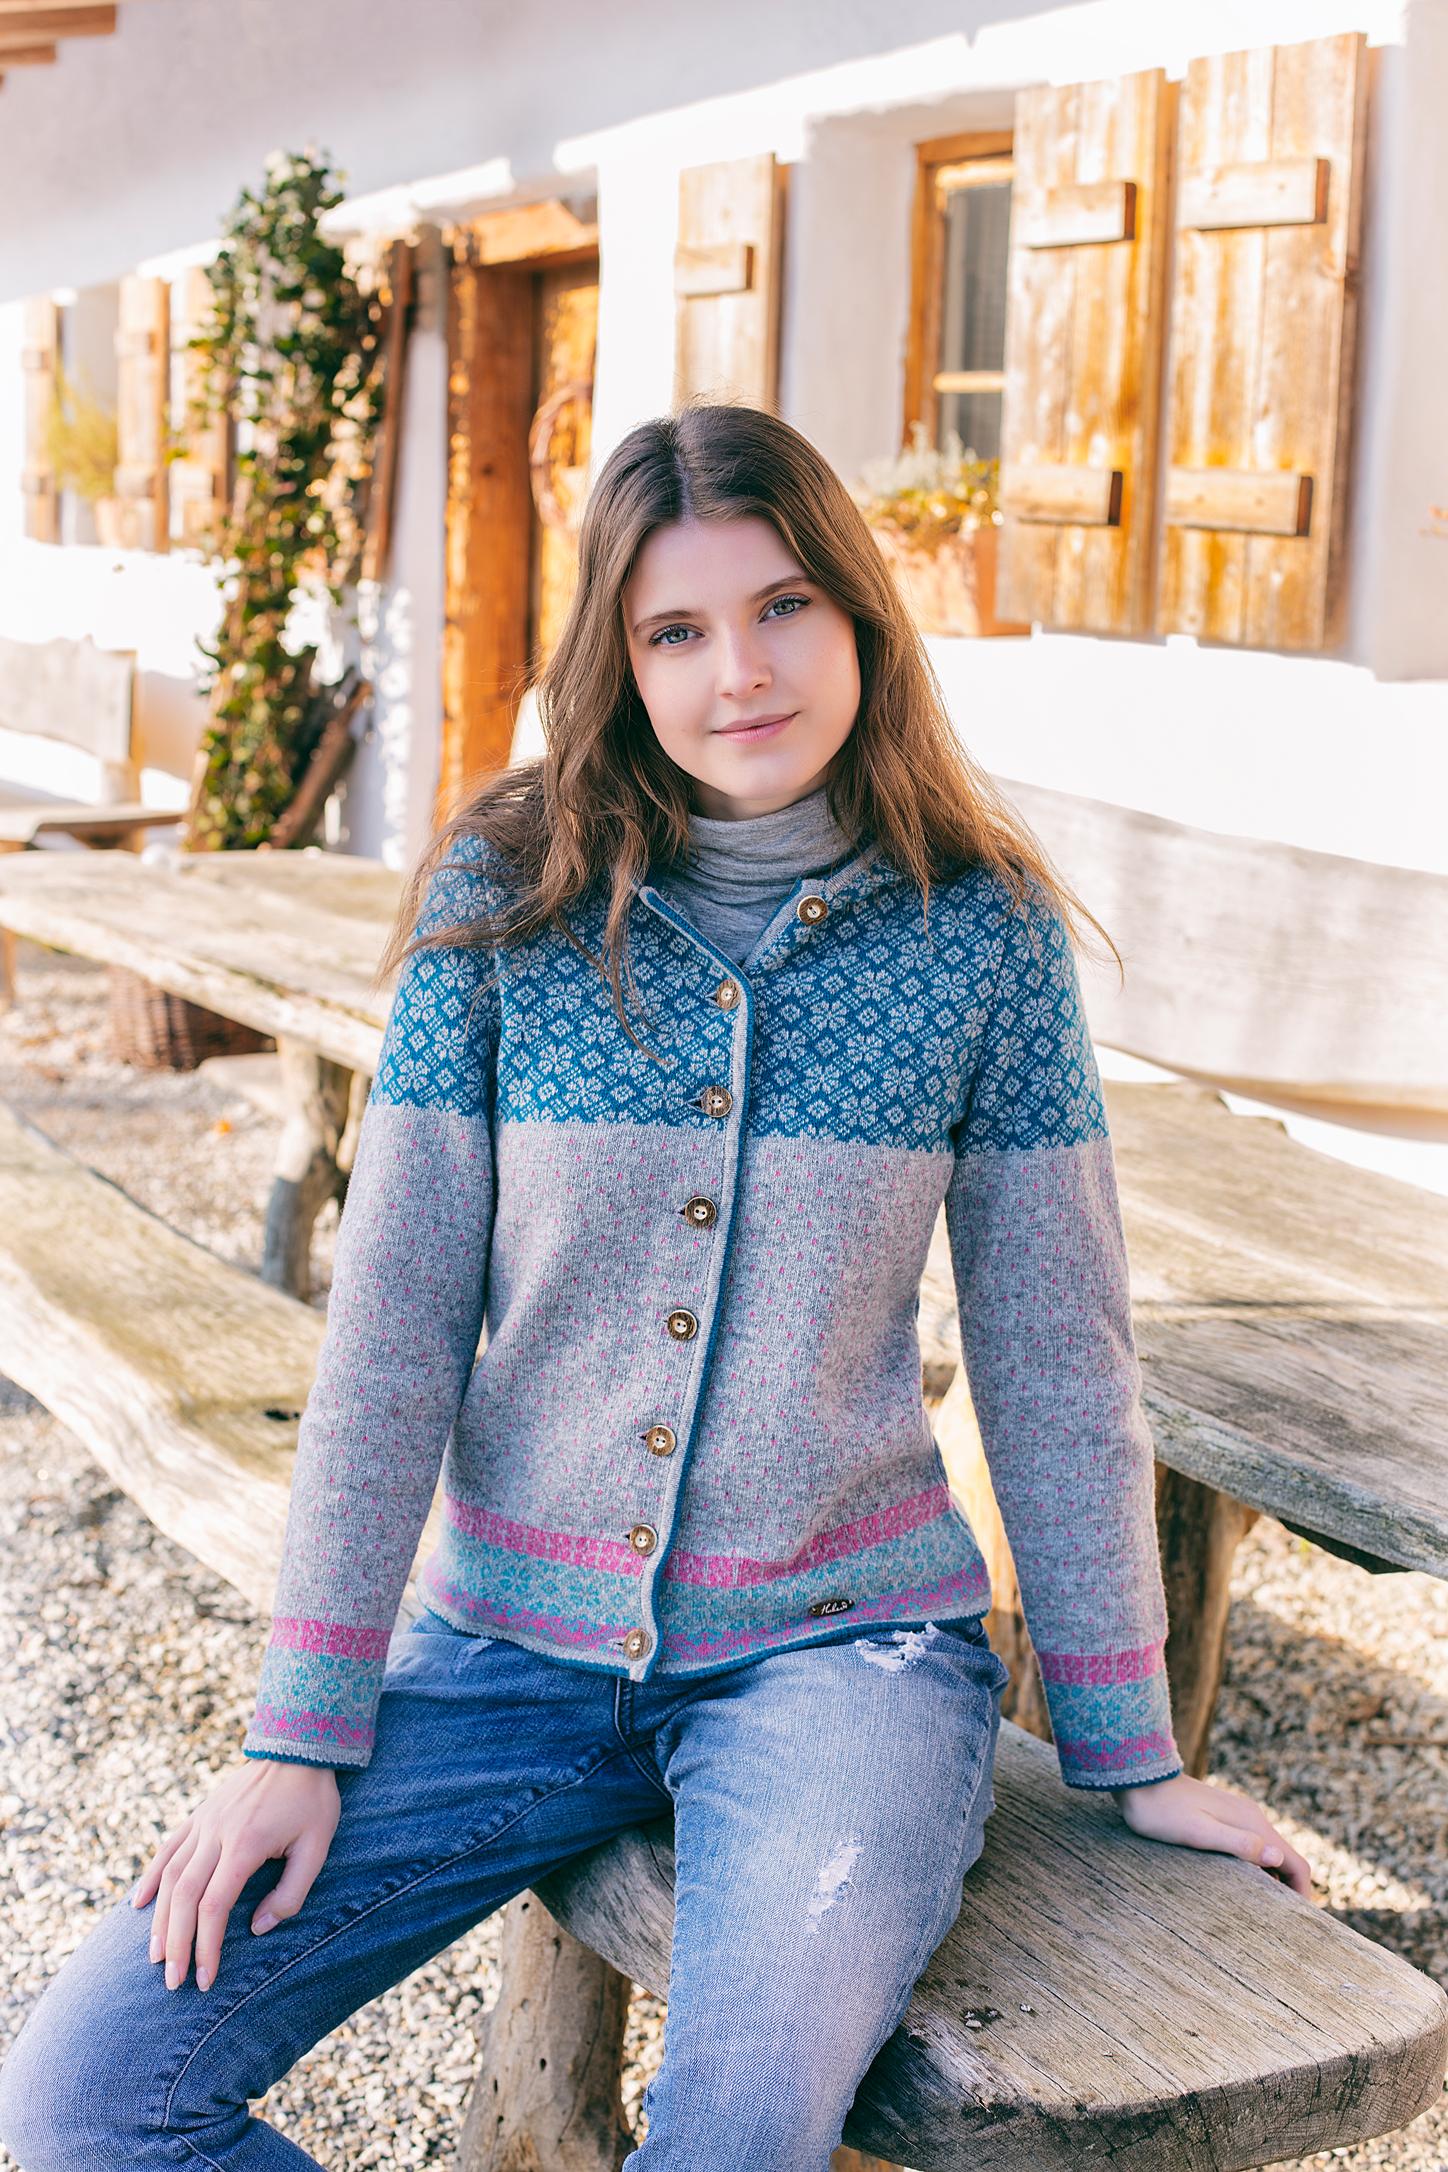 Schöne feminine Walkjacke mit liebevollen Details bei Huber Moden & Trachten